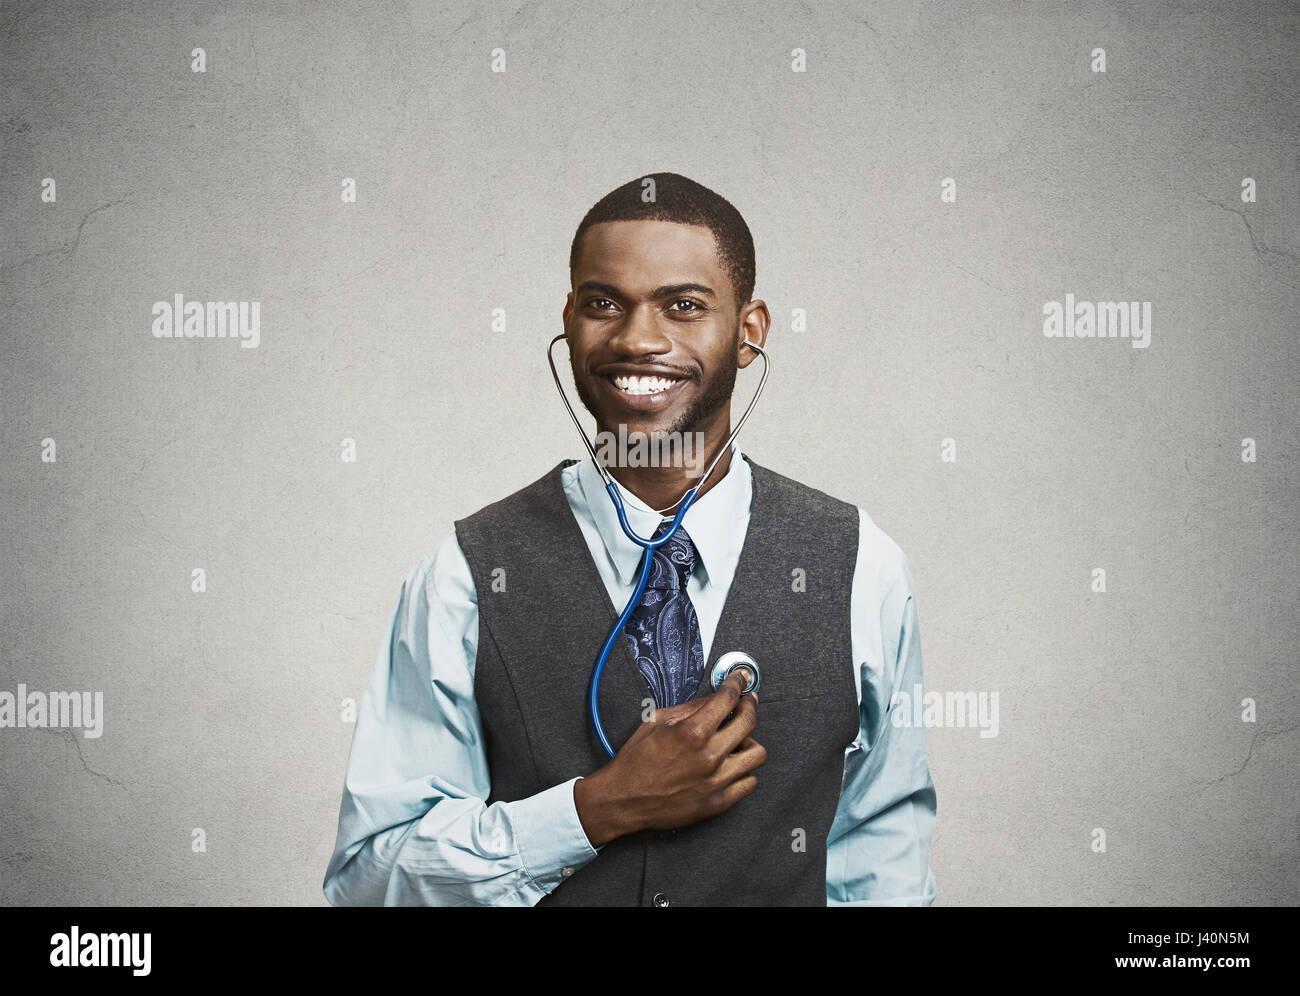 Closeup portrait smiling man exécutif, de personne d'affaires, des travailleurs à l'écoute Photo Stock